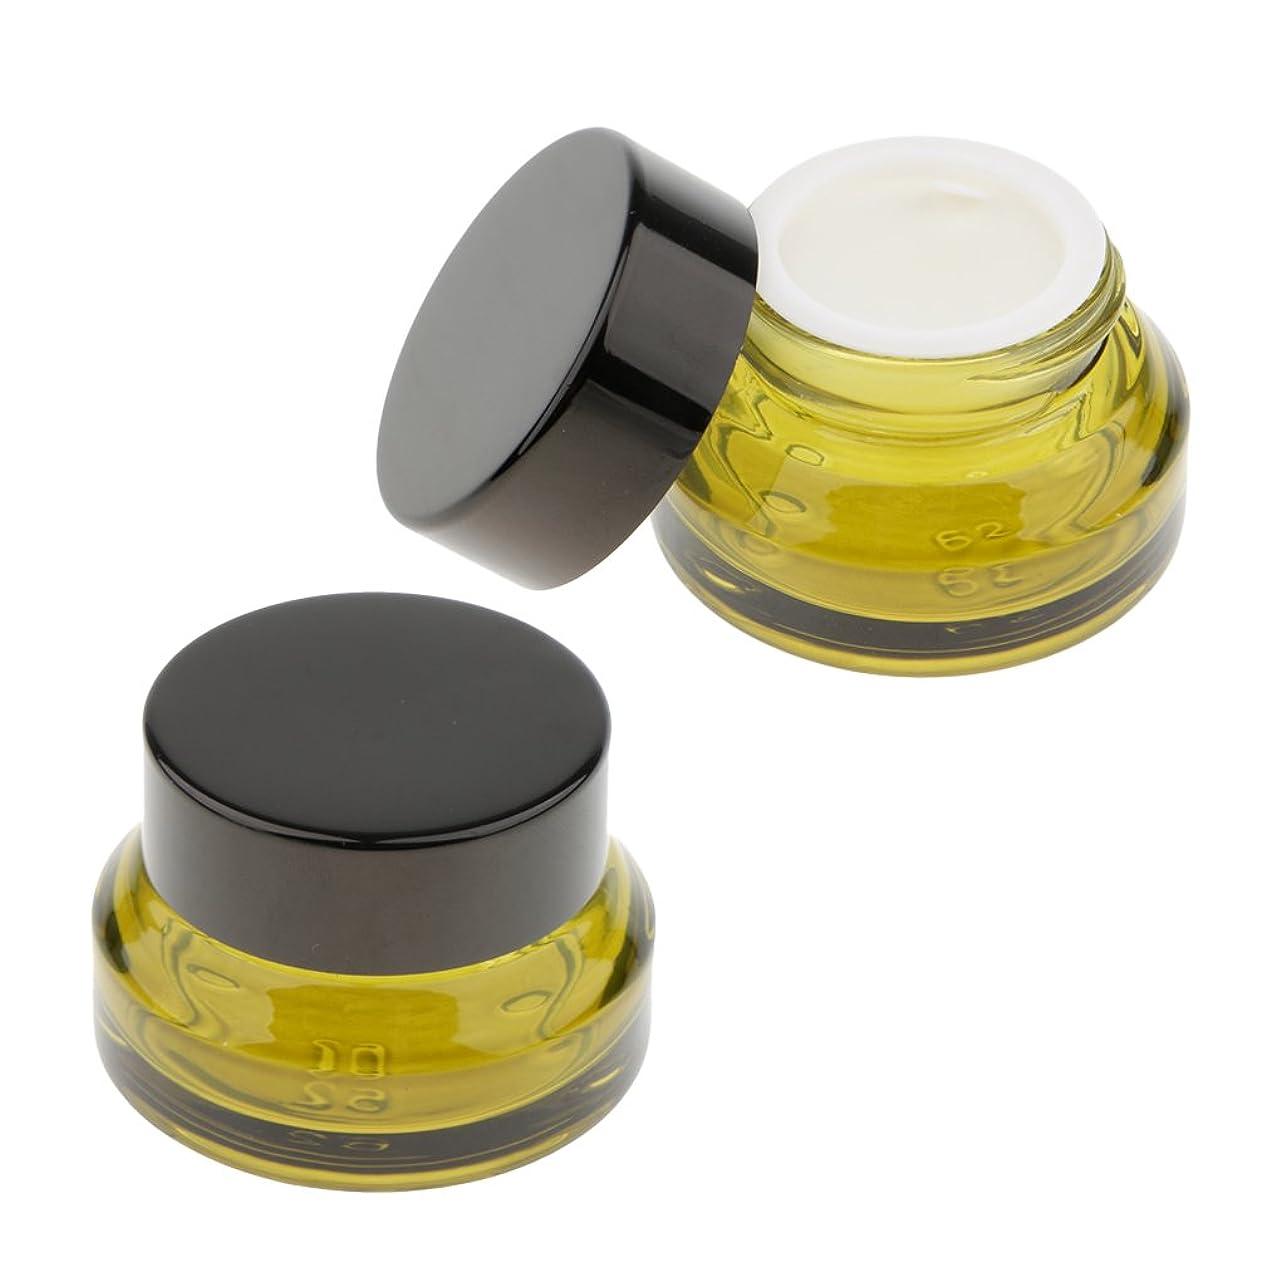 アクティブ学生シングルKesoto 2個 ガラスボトル クリームボトル メイクアップ容器 顔のクリームジャー ローション 旅行用 ケース 3サイズ選べ - 15g